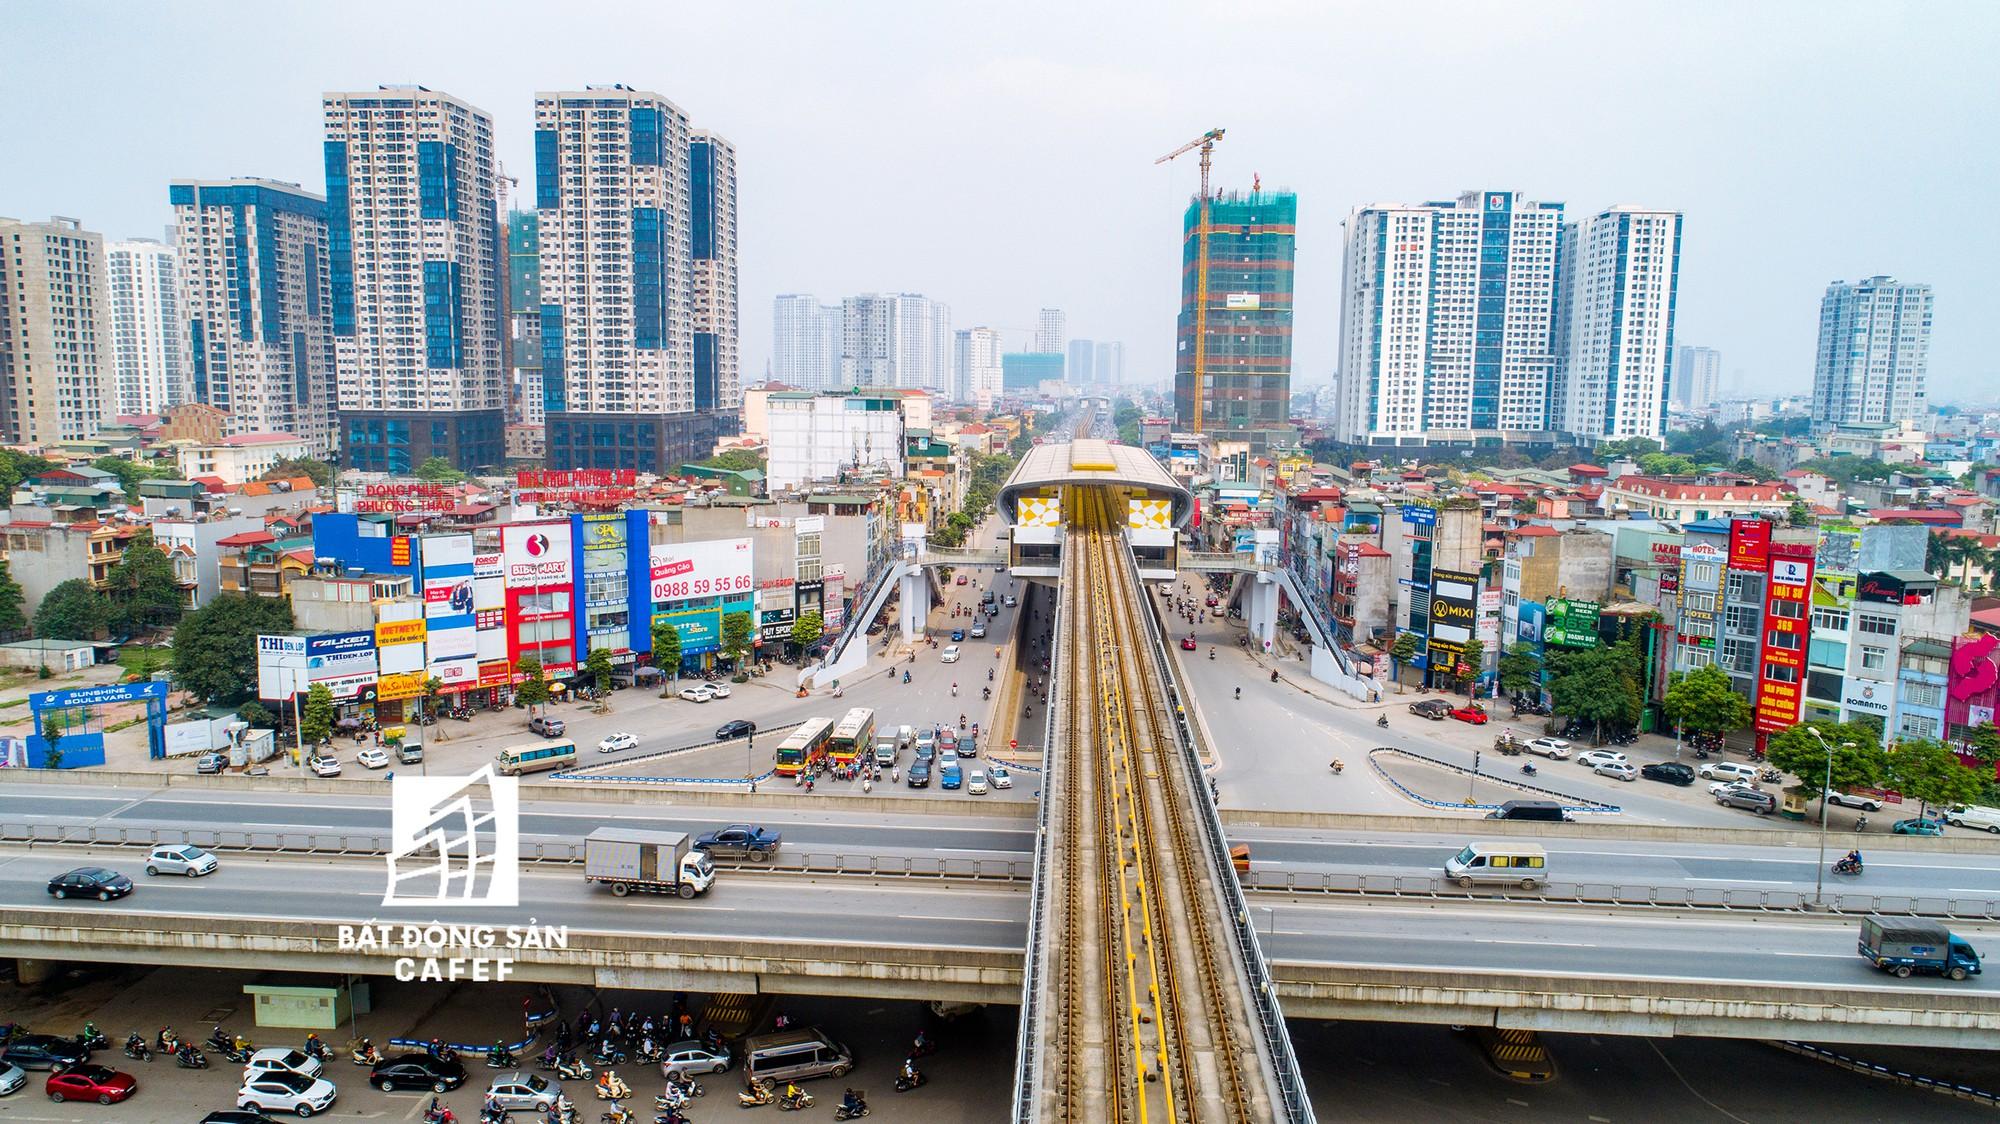 Toàn cảnh rừng cao ốc đang bóp nghẹt khu đô thị kiểu mẫu bậc nhất Hà Nội - Ảnh 8.